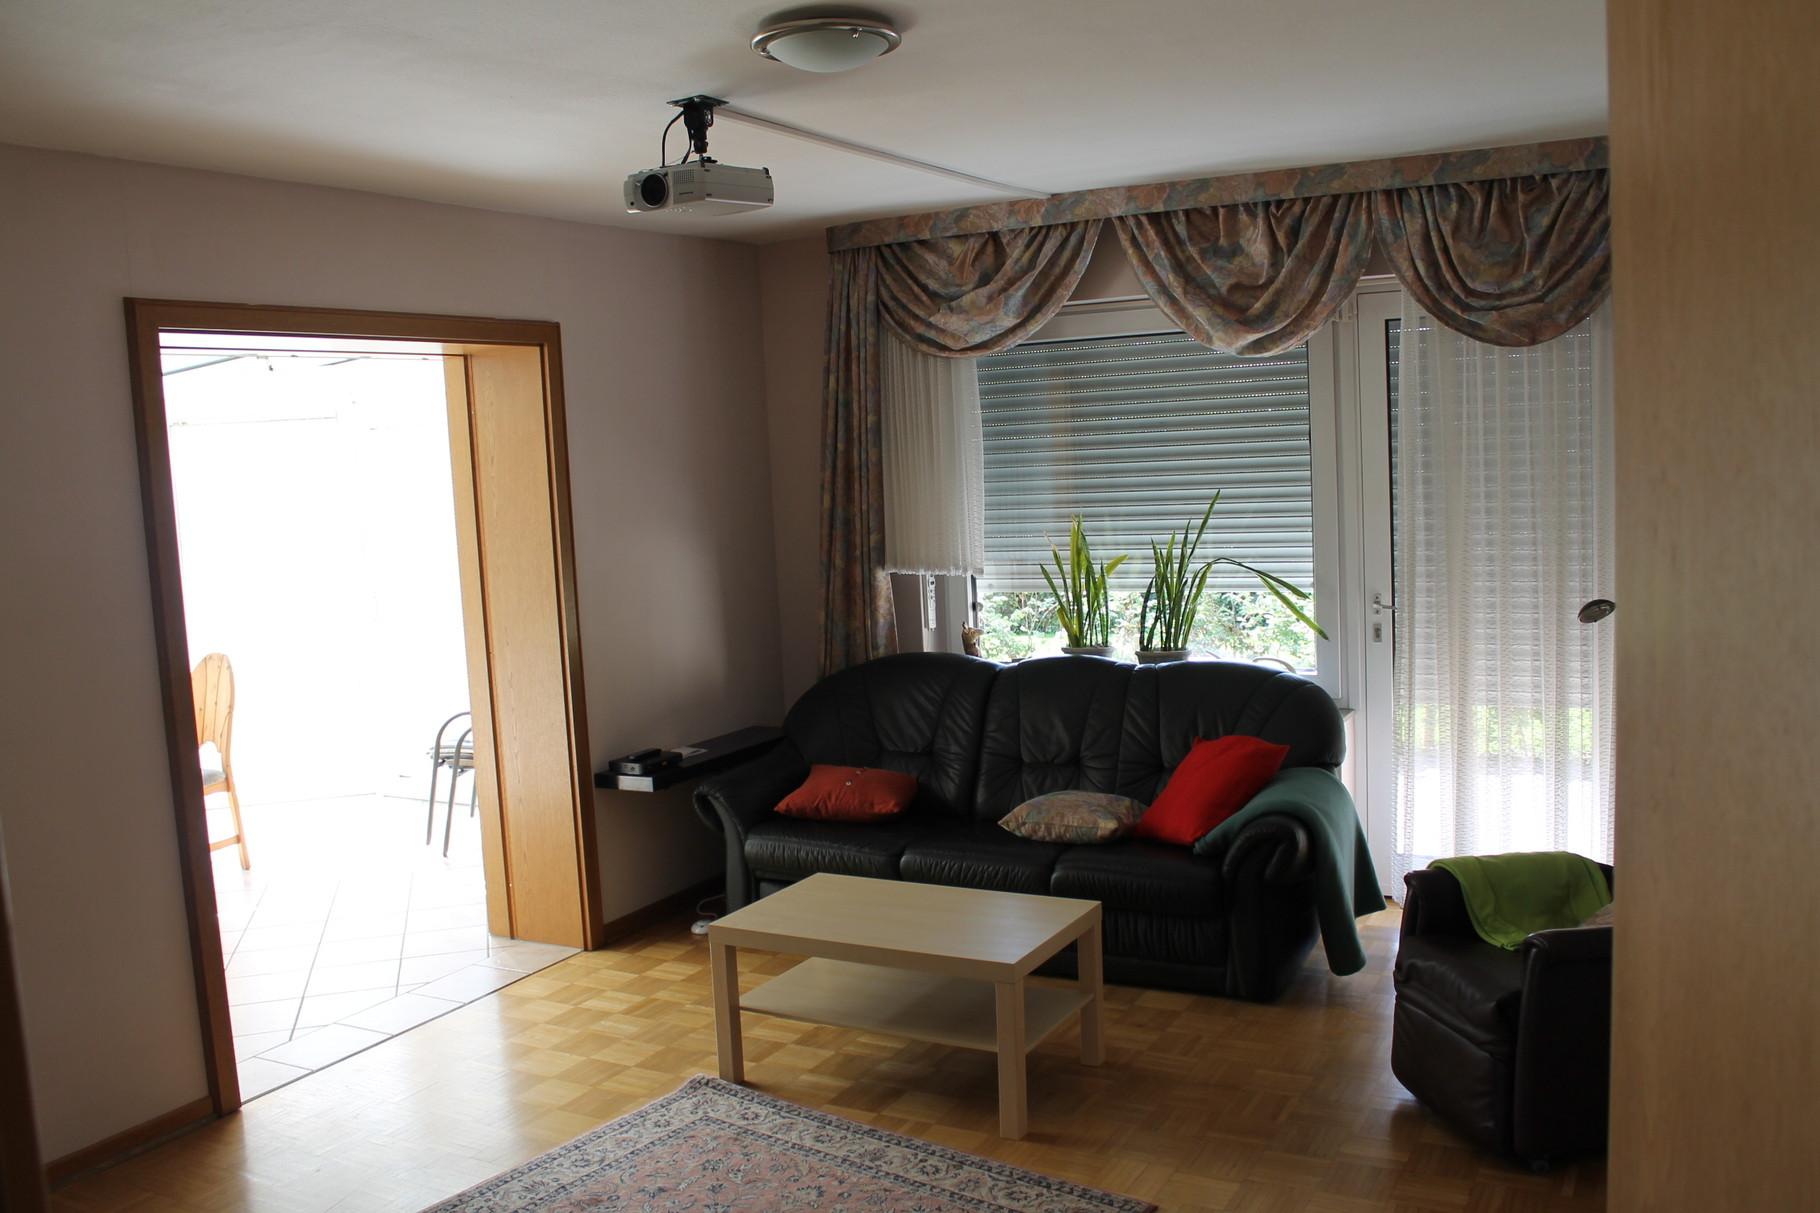 Wohnung 1  Wohnzimmer mit Beamer